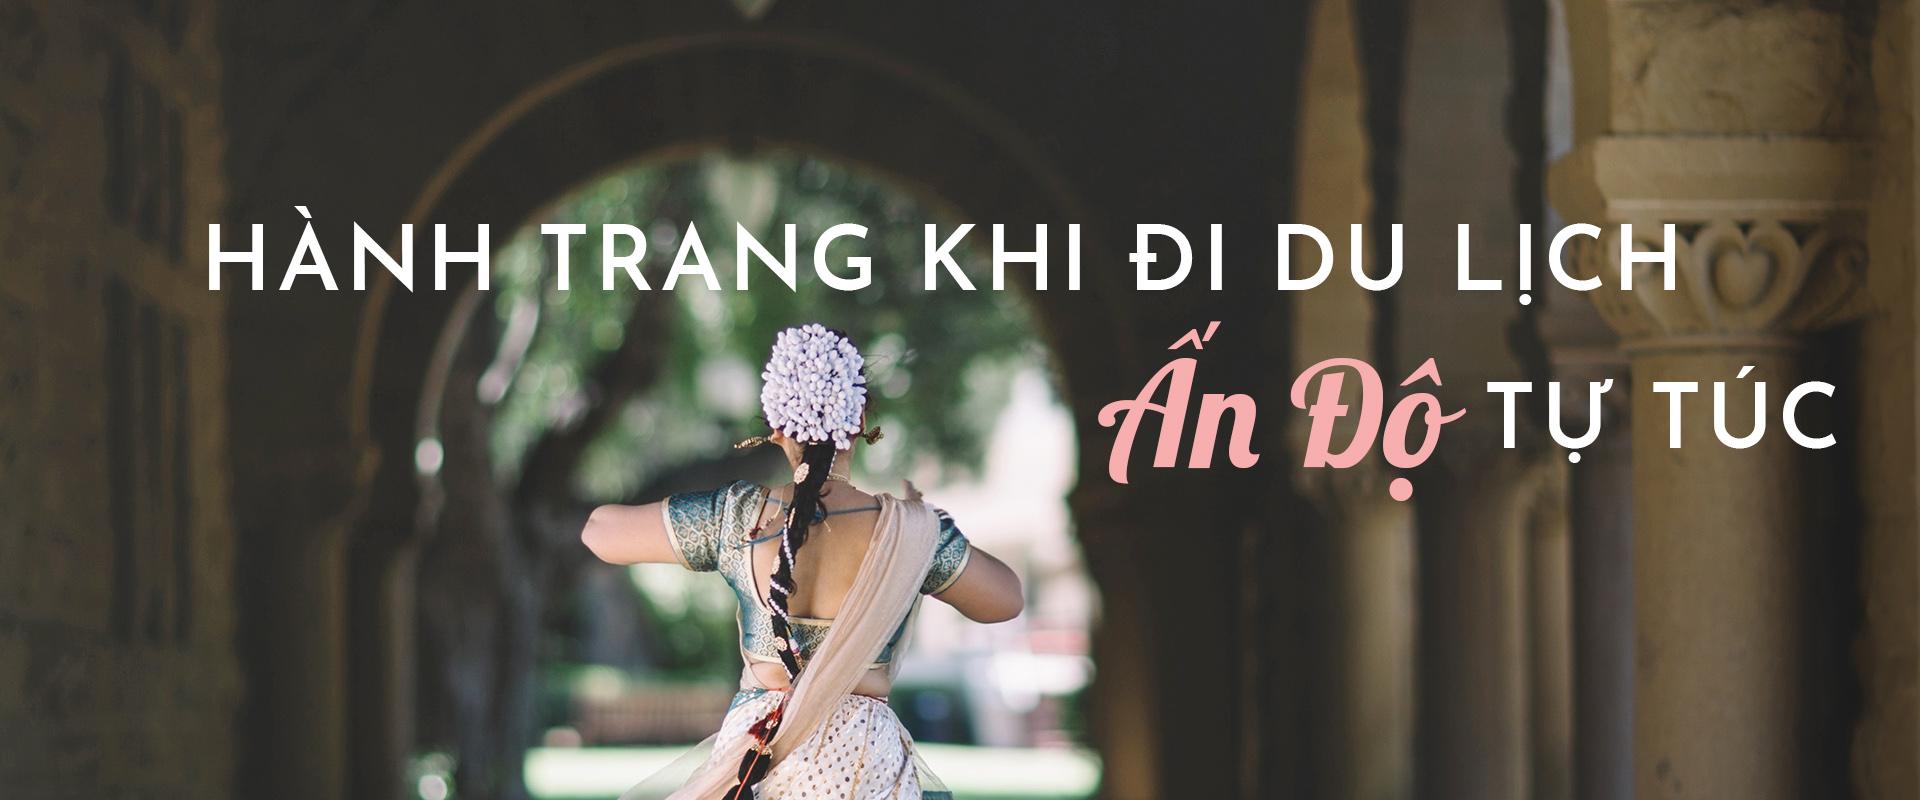 Hành trang khi đi du lịch Ấn Độ tự túc